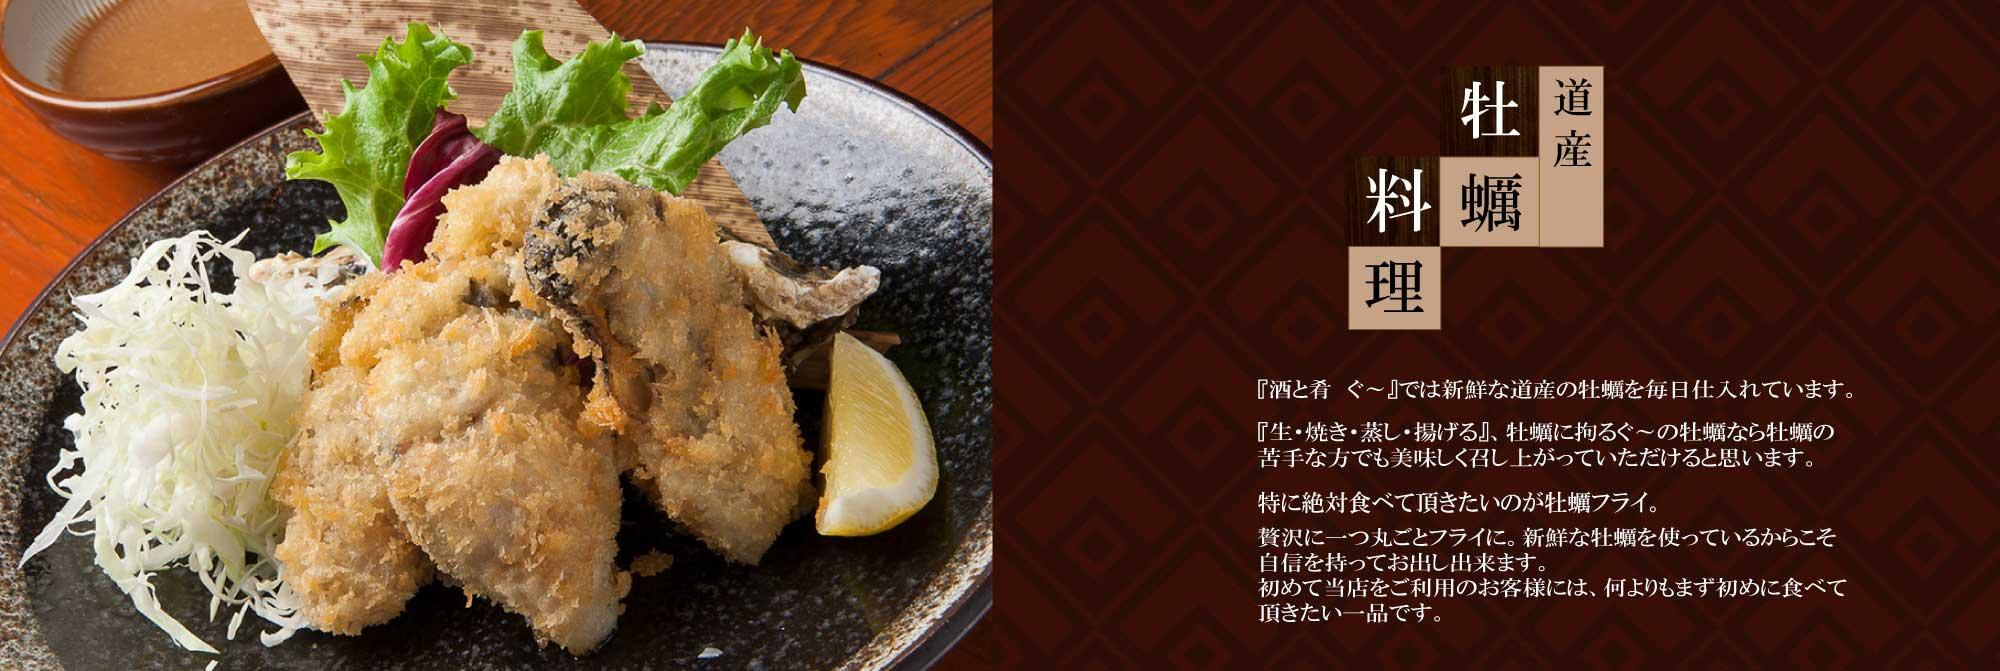 ◆ 特にお勧めなのが道産牡蠣料理、『酒と肴 ぐ~』の牡蠣フライは、他では味わえない『酒と肴 ぐ~』だけの特別な牡蠣フライです。  『酒と肴 ぐ~』では毎日新鮮な道産牡蠣を仕入れております。 牡蠣自体はもちろん、パン粉、油の温度、揚げ・・・とにかく全てに拘りぬいた、絶品の牡蠣フライです。 生・焼き・蒸し・・・・どれをとっても絶品ですが、中でも 『酒と肴 ぐ~』特製味噌を載せた焼き牡蠣は大人気です。   そして、牡蠣のすき焼。これも、つねに牡蠣の新しい旨さを追求しているからこそ生まれた絶品料理です。  〆のカレー雑炊も超おすすめです!『酒と肴 ぐ~』の牡蠣料理はカキが苦手な方でもきっと食べていただけると思います。  生・蒸し・焼き牡蠣は1個150円で、牡蠣フライと味噌焼きは380円でご提供しております!